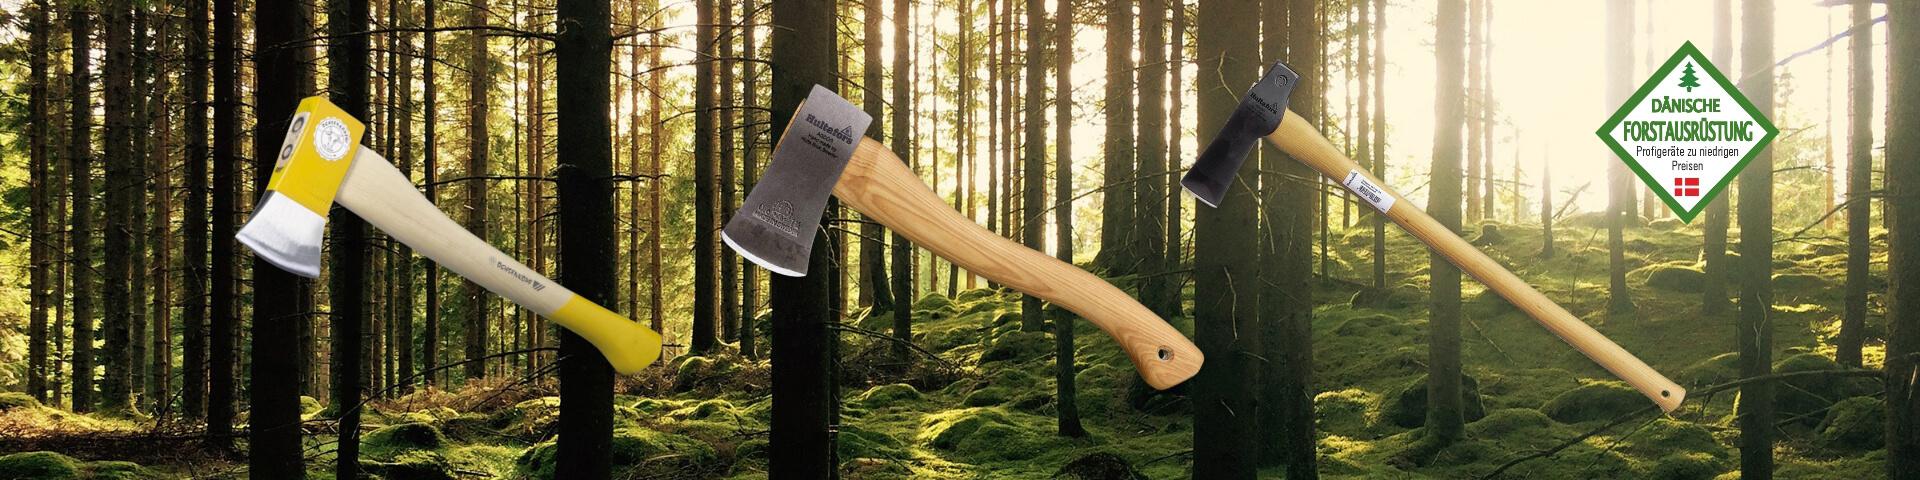 Dänische Forstausrüstung